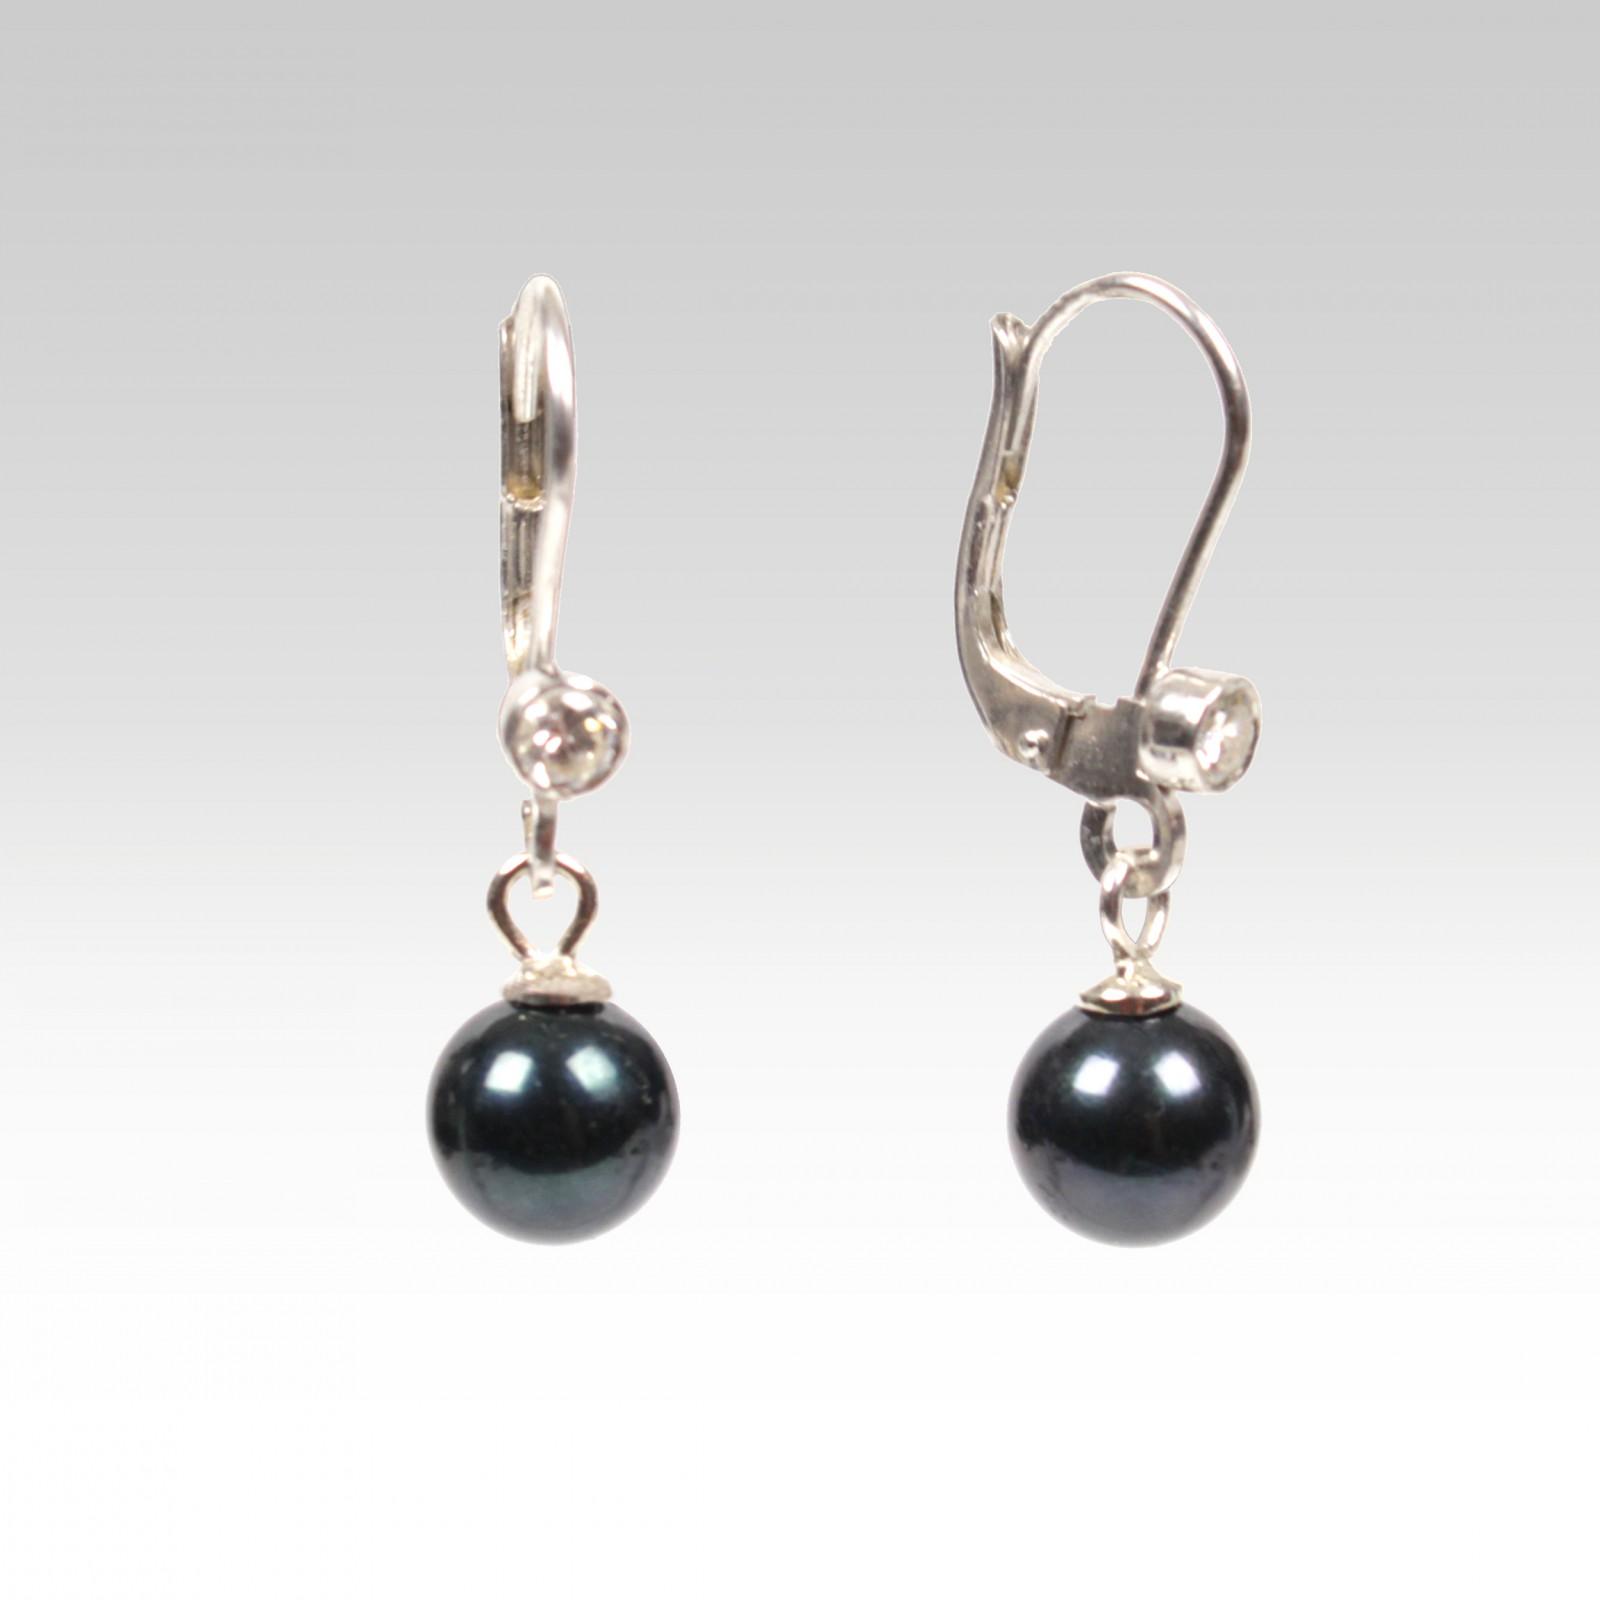 Visací perlové náušnice s perlami Akoya 7mm a zirkony abccf80eaf2